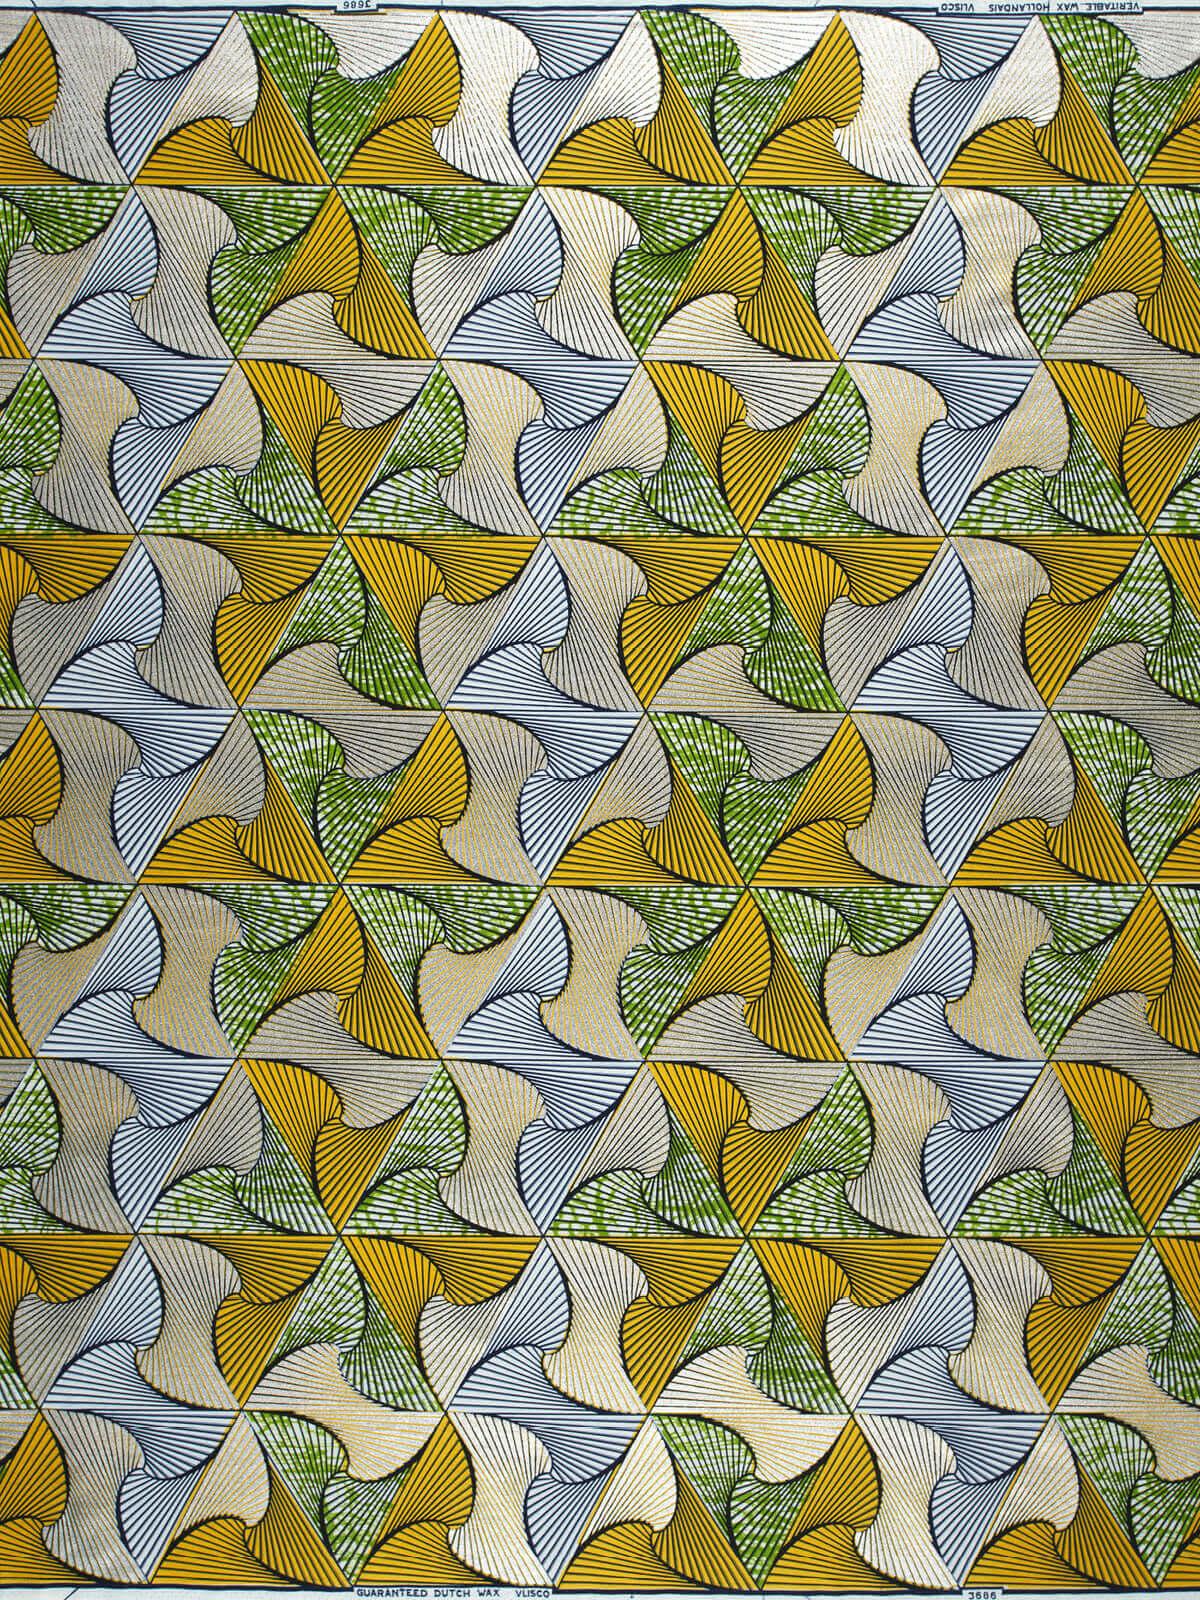 W31 Lookbook Fabric6 Vl03686 174